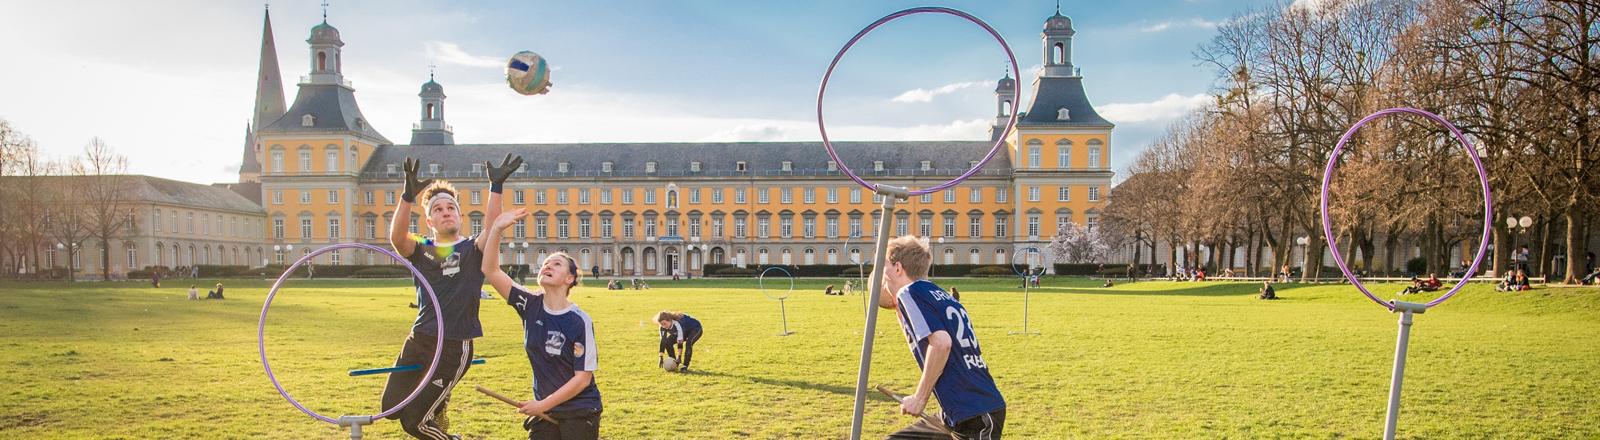 Quidditch-Spiel auf der Bonner Uniwiese